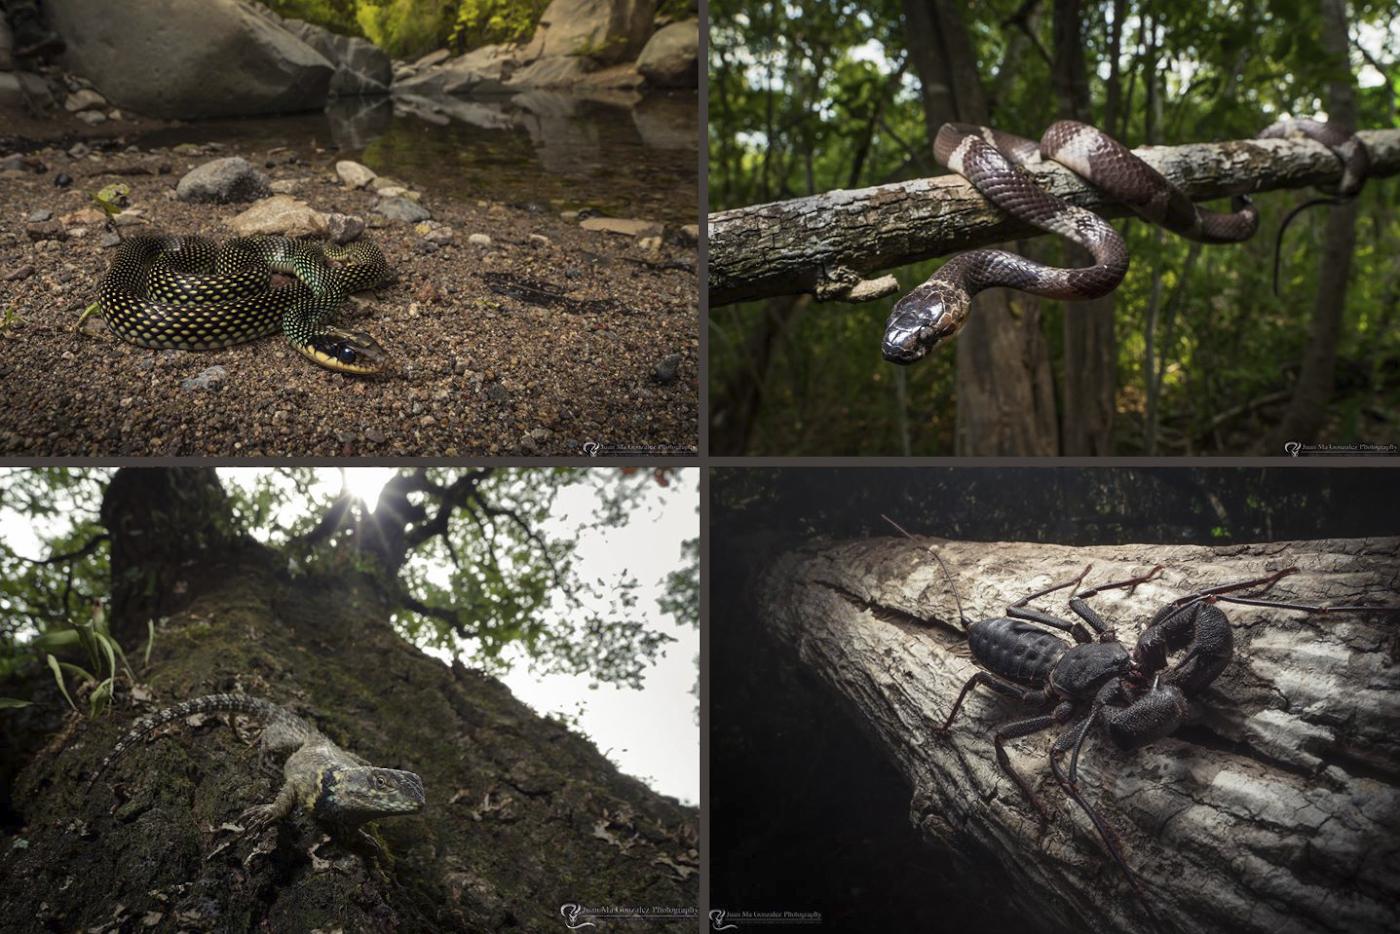 Фото 22. Макрообъектив Laowa 15mm f4 1:1 Macro для съемки рептилий, насекомых и других мелких животных.